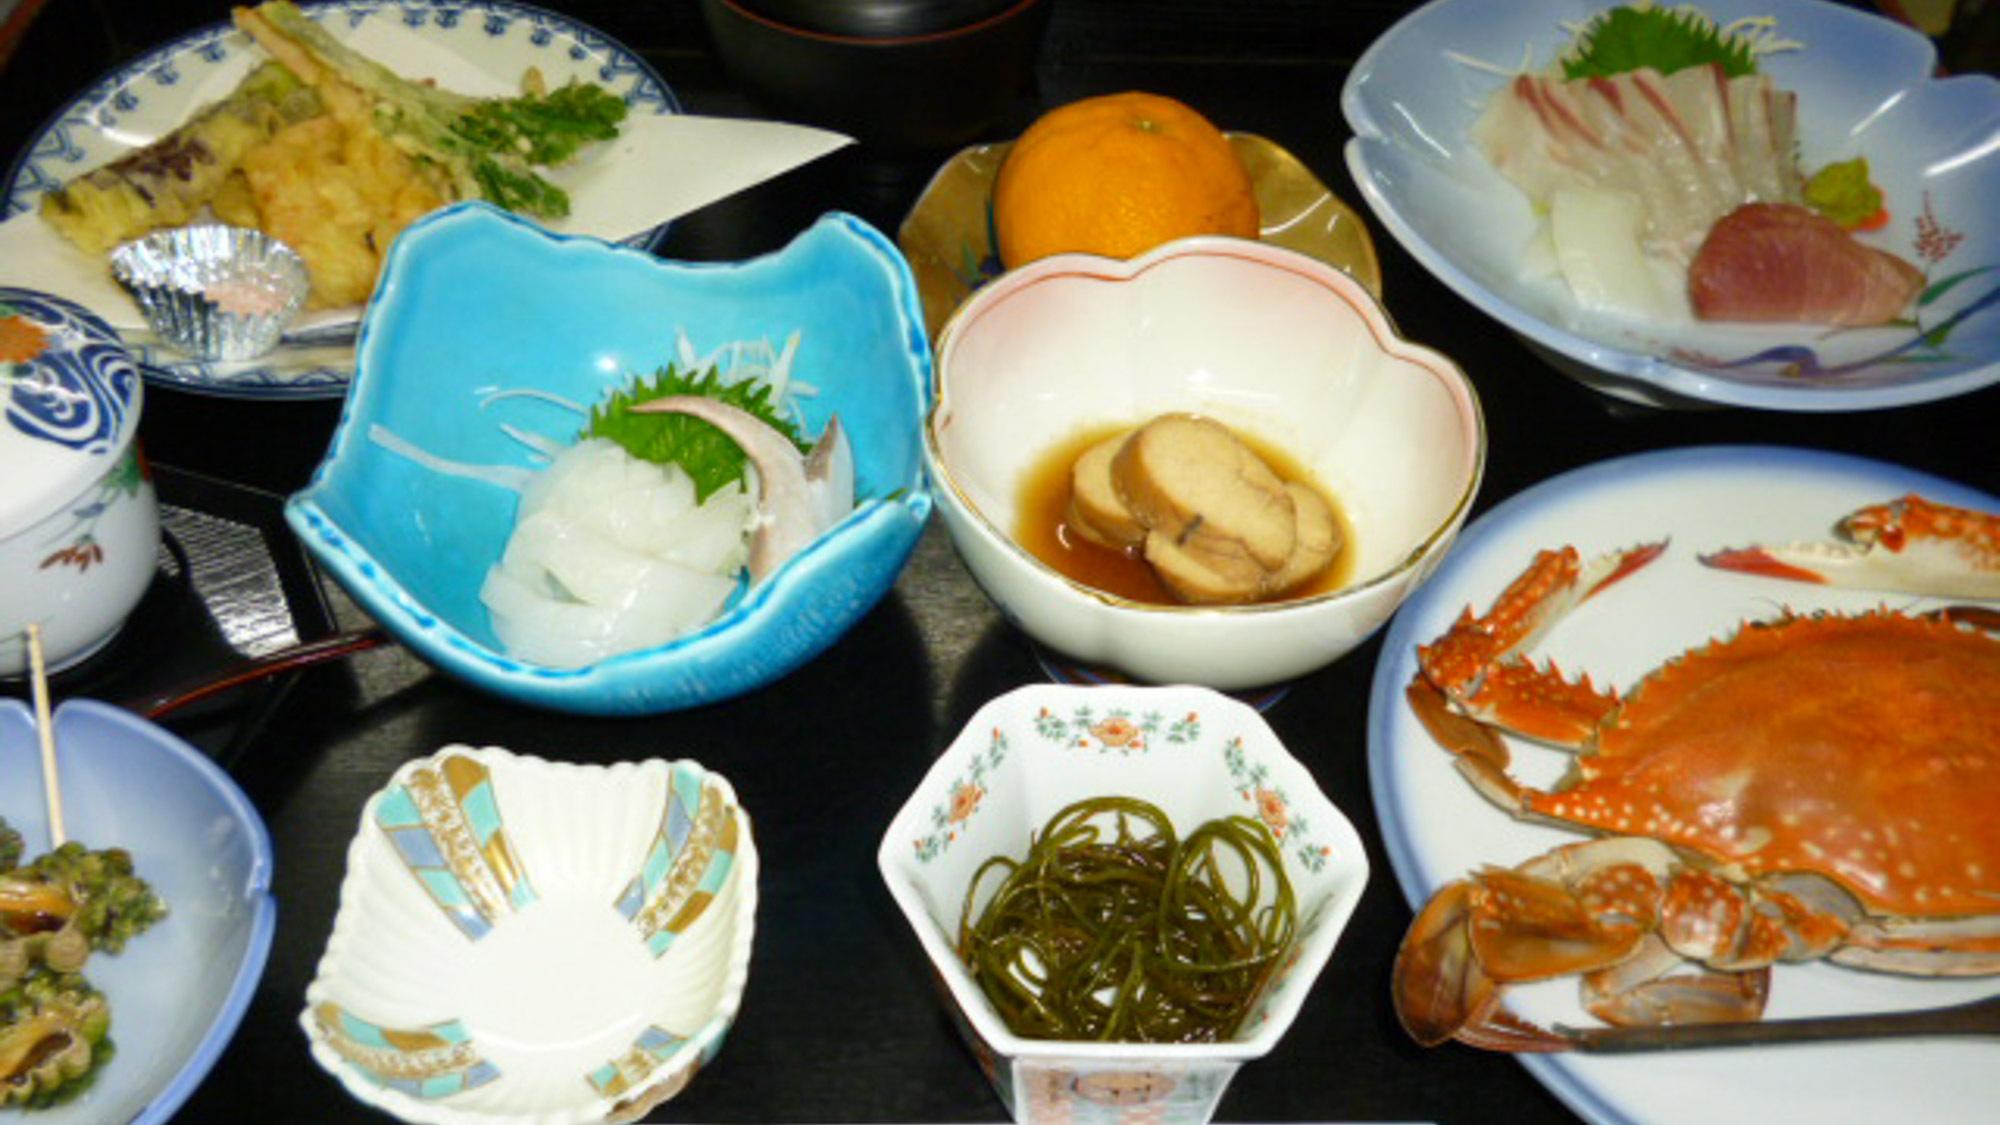 【お食事】お腹も心も大満足!新鮮な食材を使って、テーブルいっぱいにお出しいたします!